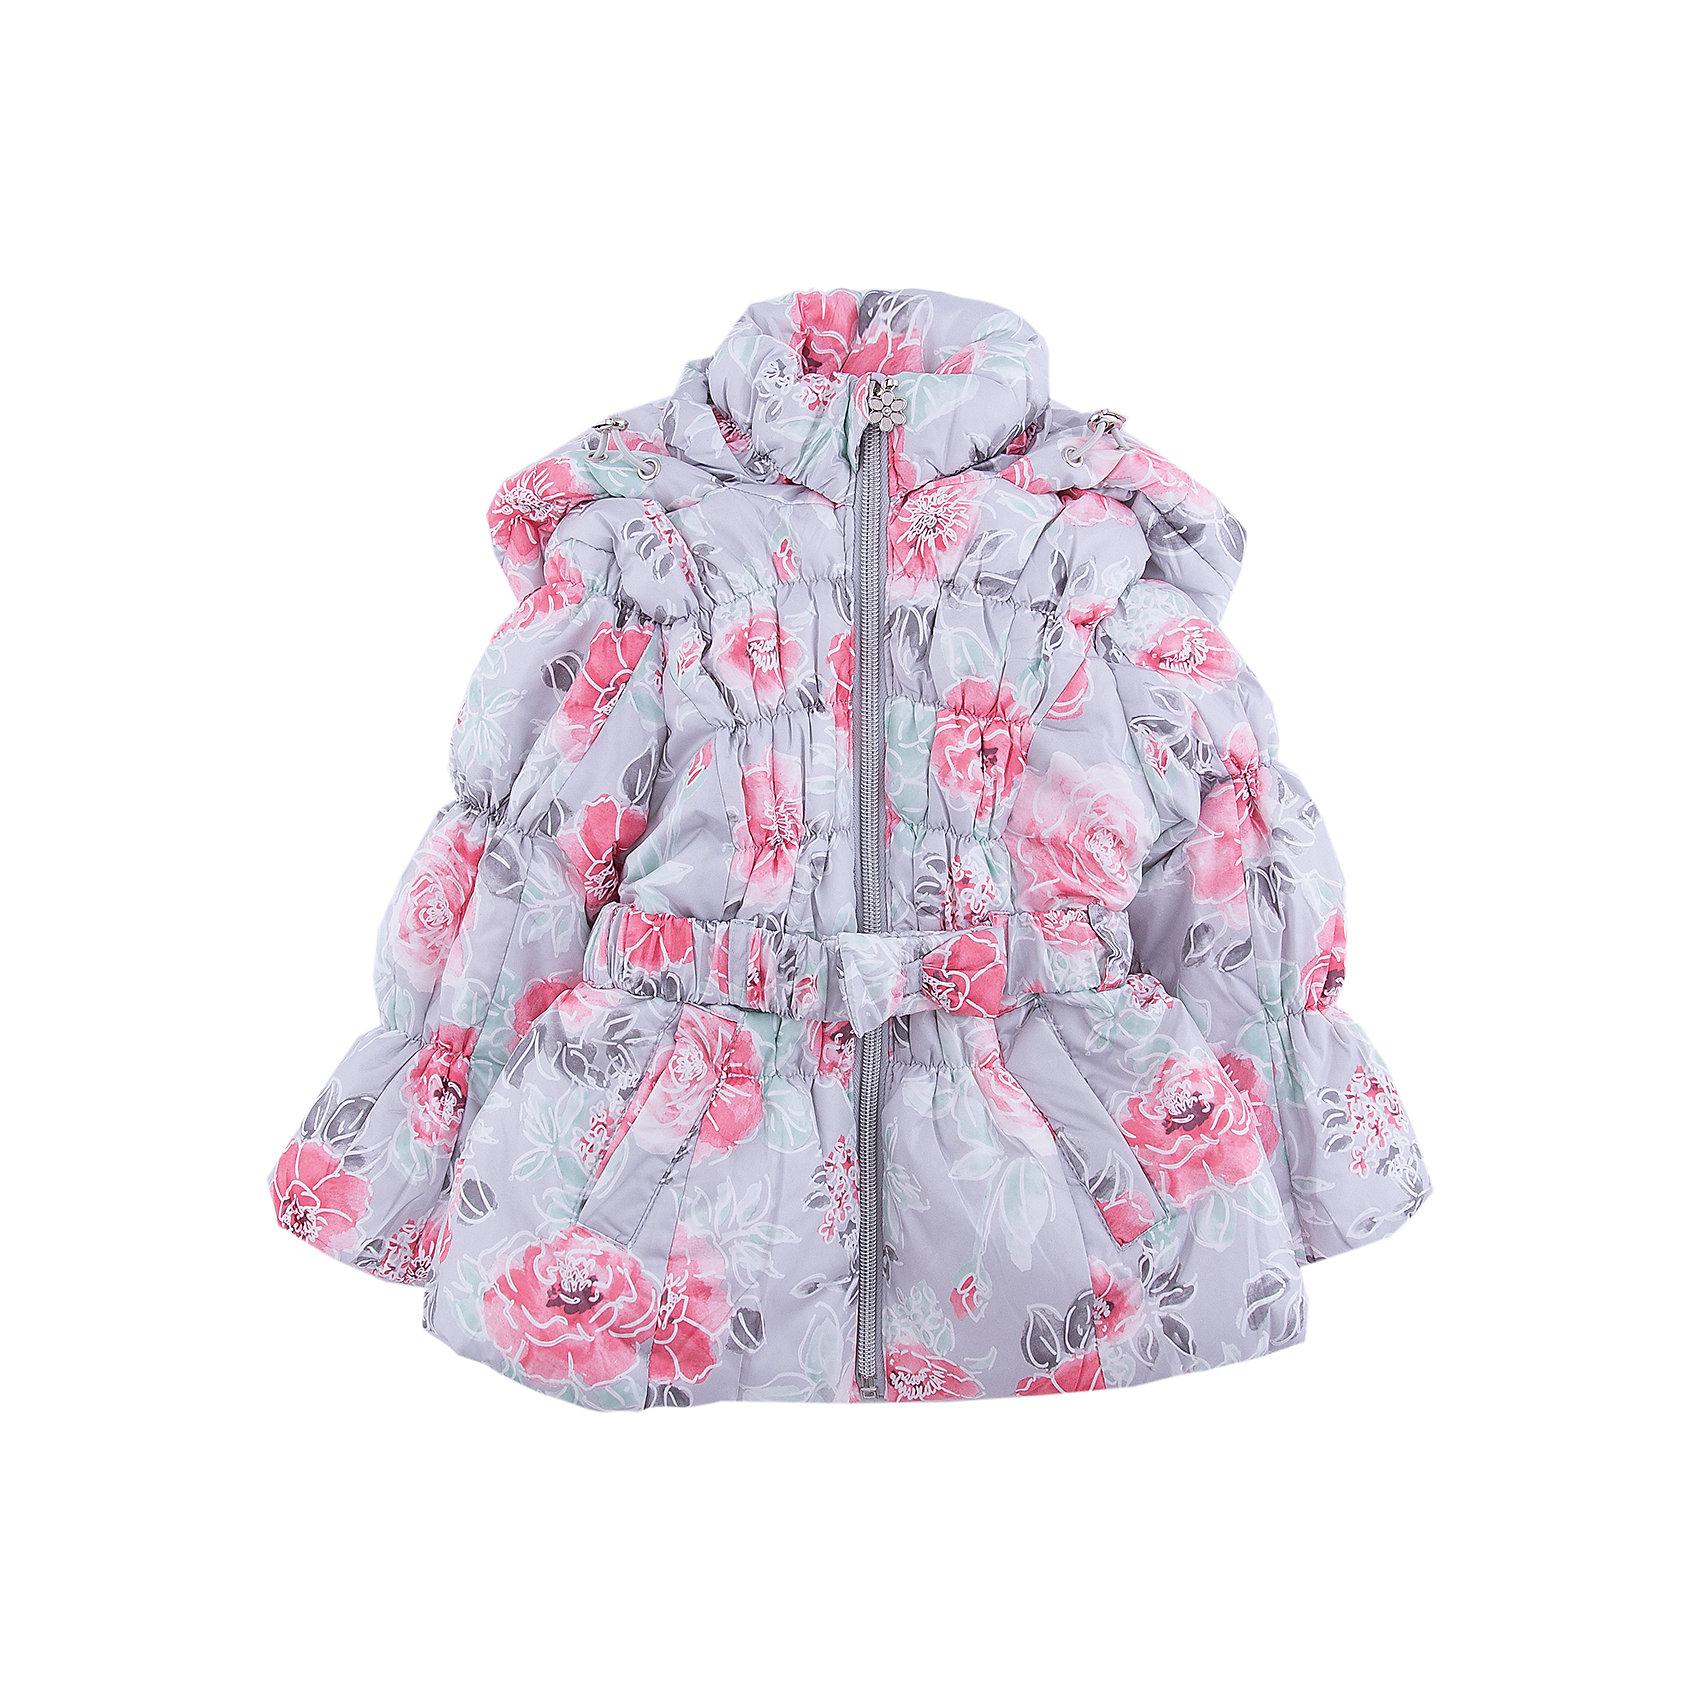 Куртка Sweet Berry для девочкиВерхняя одежда<br>Куртка Sweet Berry для девочки<br>Утепленная, стеганая куртка с оригинальным цветочным принтом для девочки. Воротник - стойка, меховая подкладка, цельнокроеный капюшон с утяжкой, два прорезных карманы, поясок. Приталенный крой.<br>Состав:<br>Верх: 100% полиэстер Подкладка: 100% полиэстер Наполнитель 100% полиэстер<br><br>Ширина мм: 356<br>Глубина мм: 10<br>Высота мм: 245<br>Вес г: 519<br>Цвет: серый<br>Возраст от месяцев: 24<br>Возраст до месяцев: 36<br>Пол: Женский<br>Возраст: Детский<br>Размер: 98,80,86,92<br>SKU: 7094453